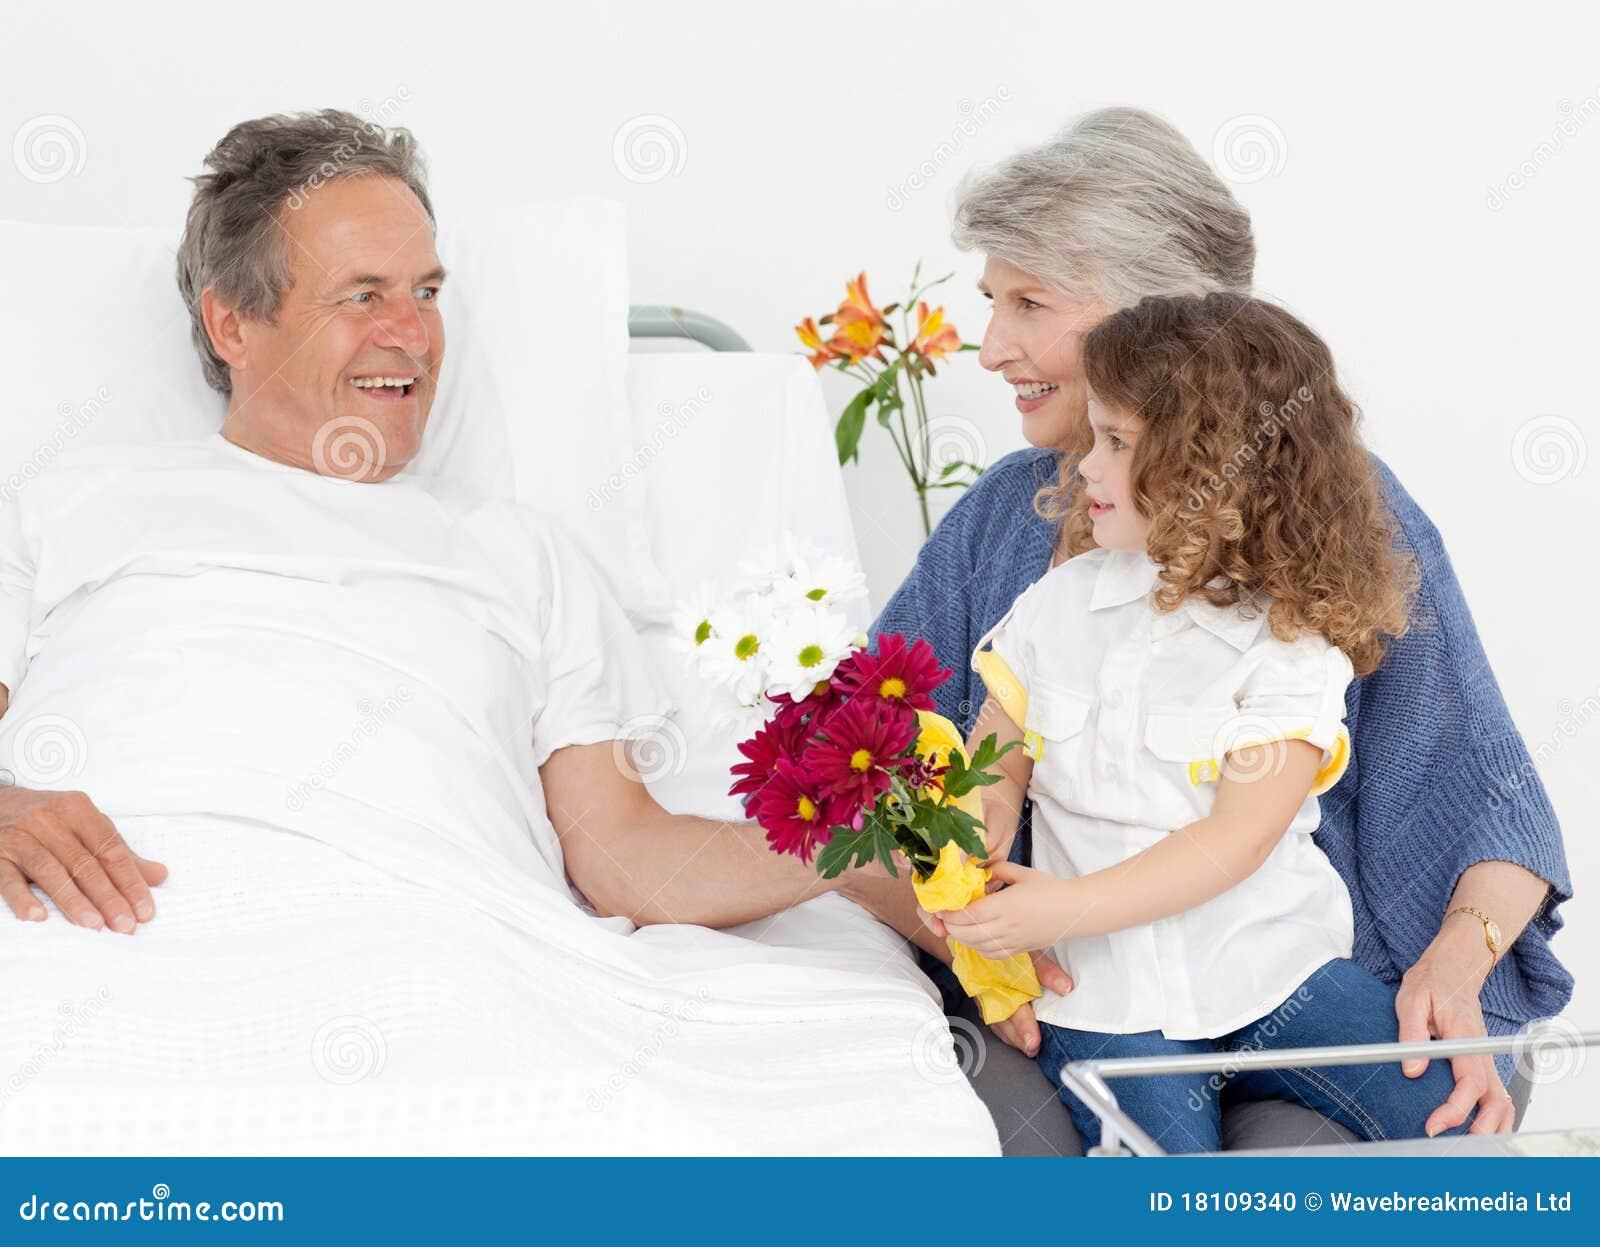 атриуме ЦДМ в постеле фото бабуля и внук функции